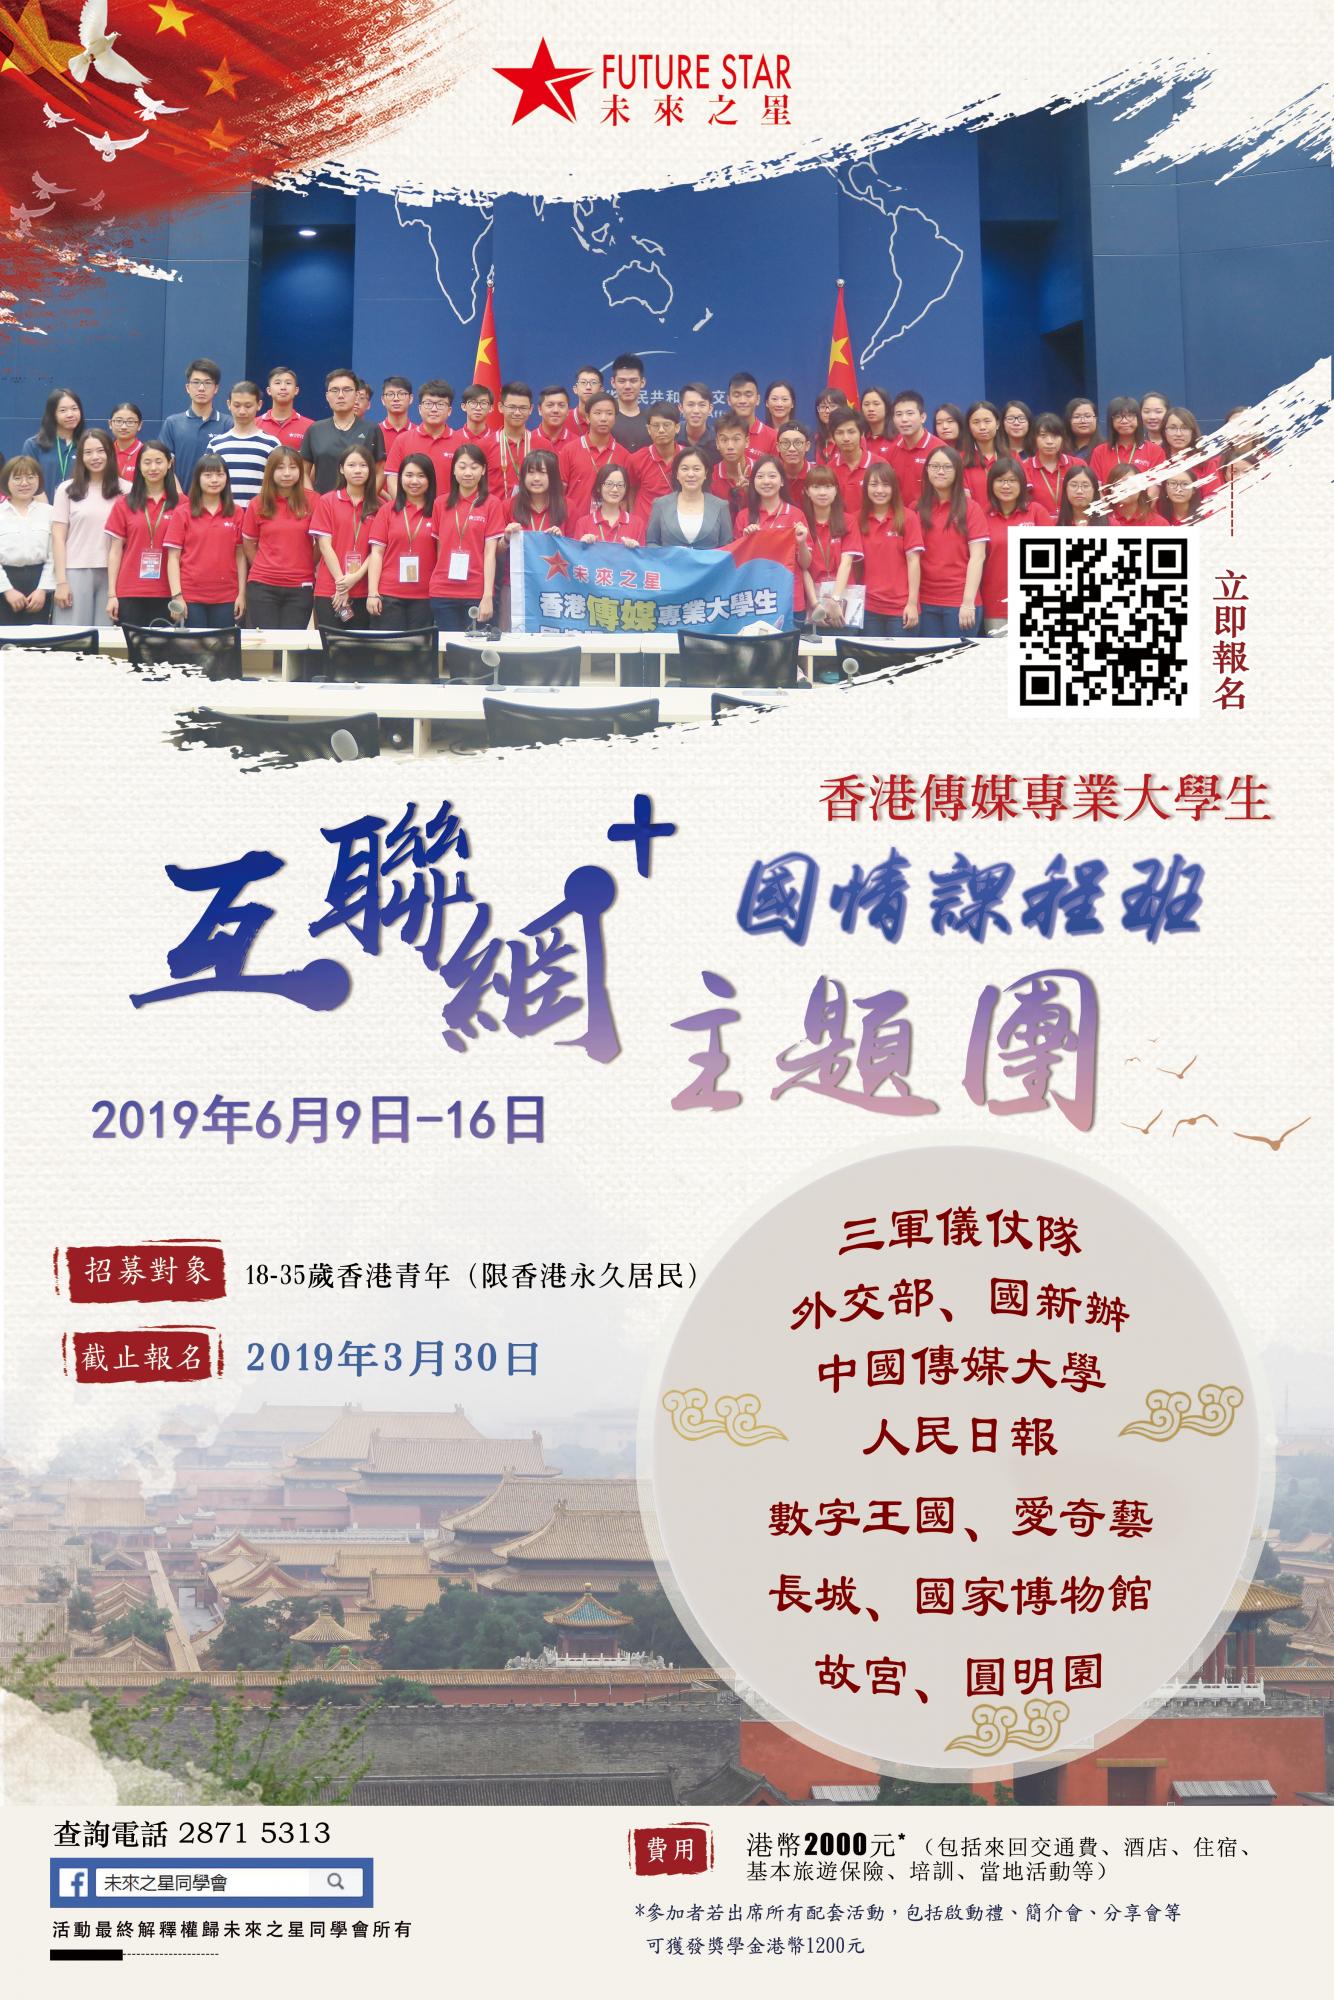 2019「香港传媒专业大学生国情课程班—互联网+主题团」